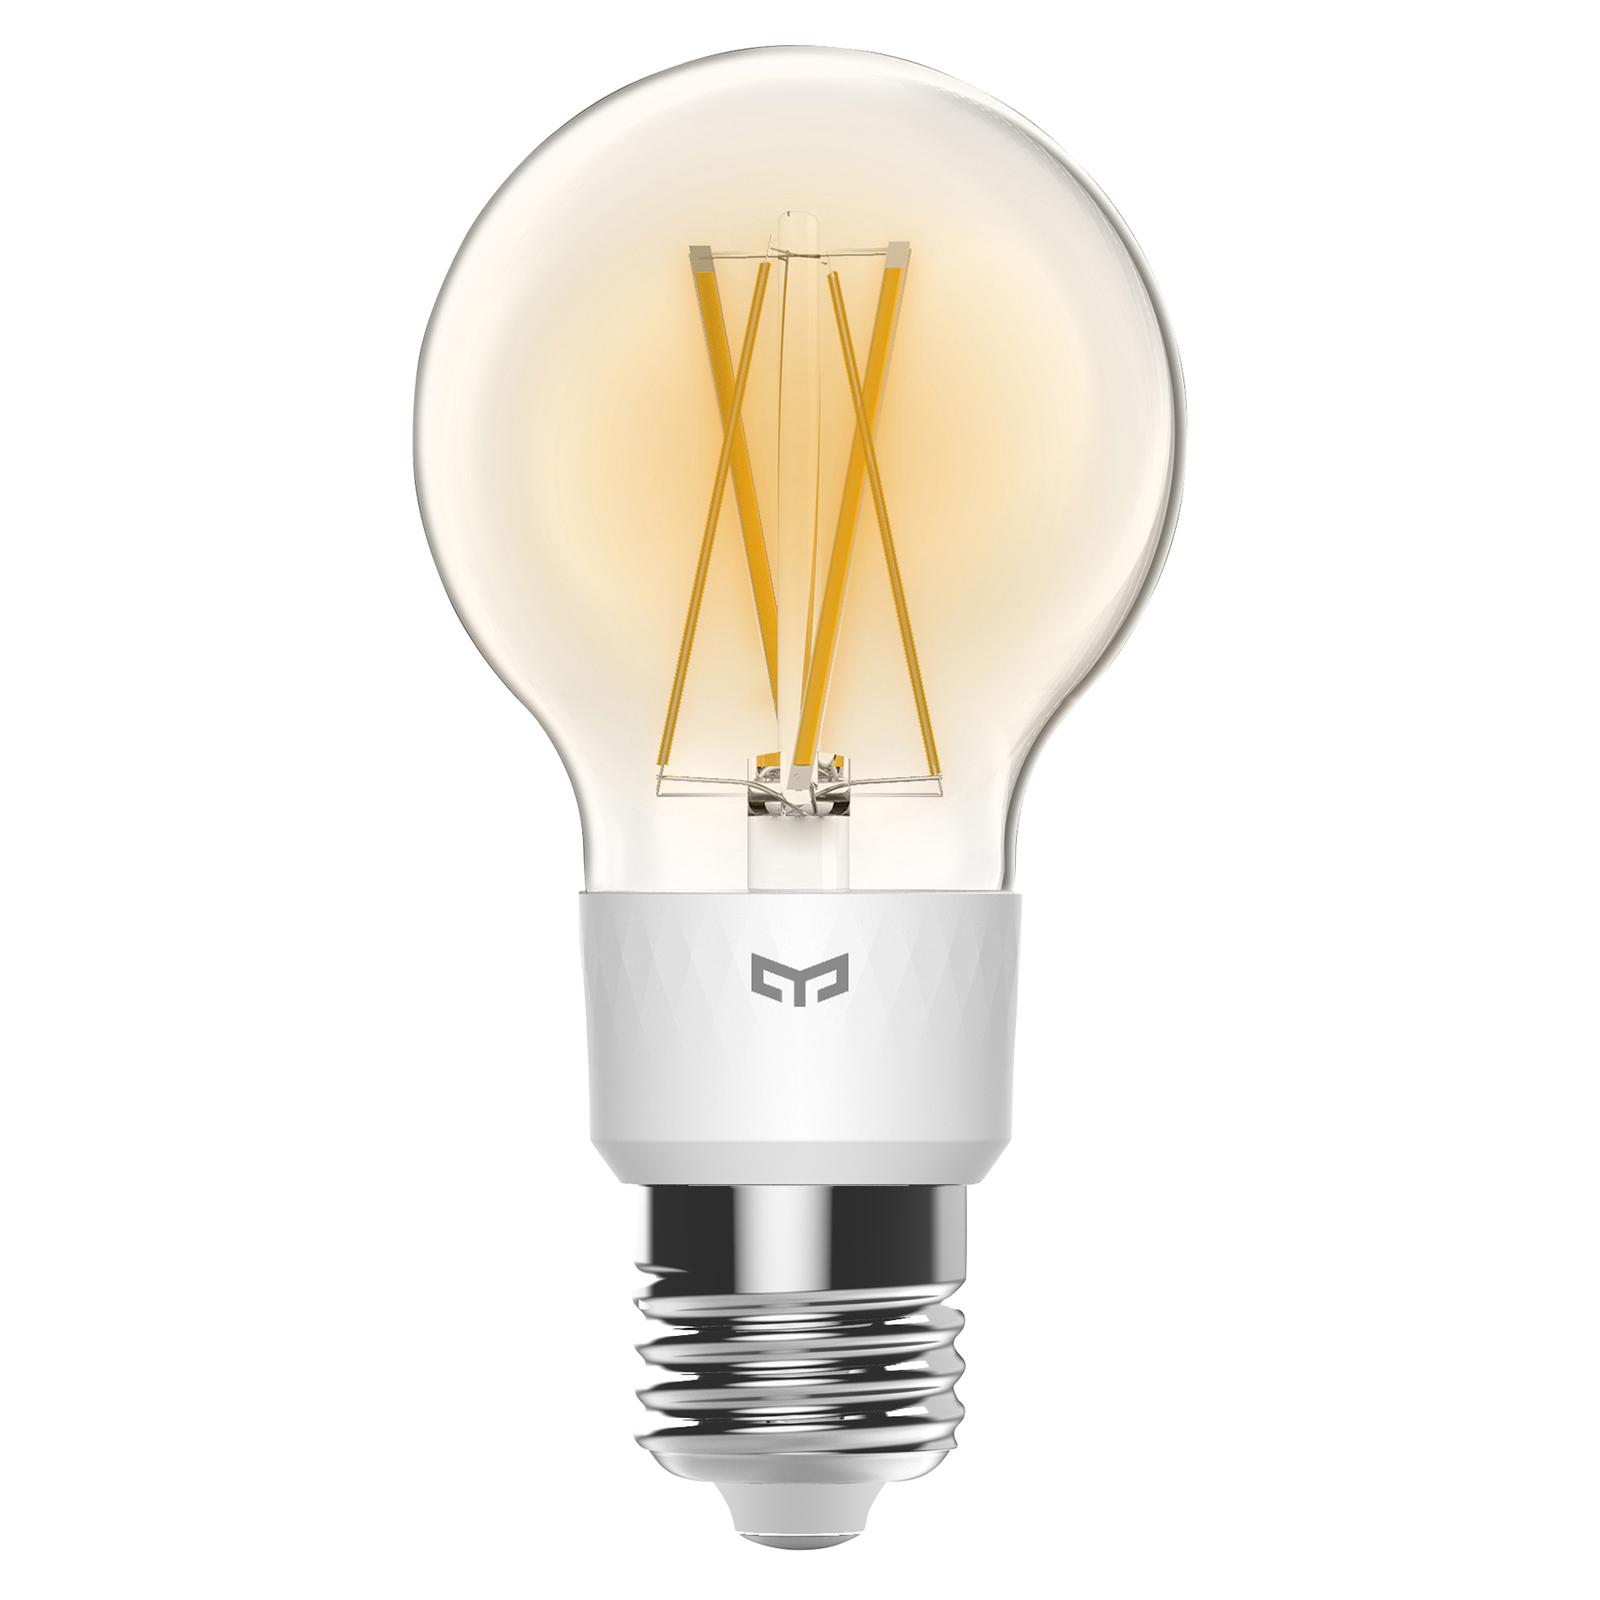 Yeelight Classic ampoule LED à filament E27 6W